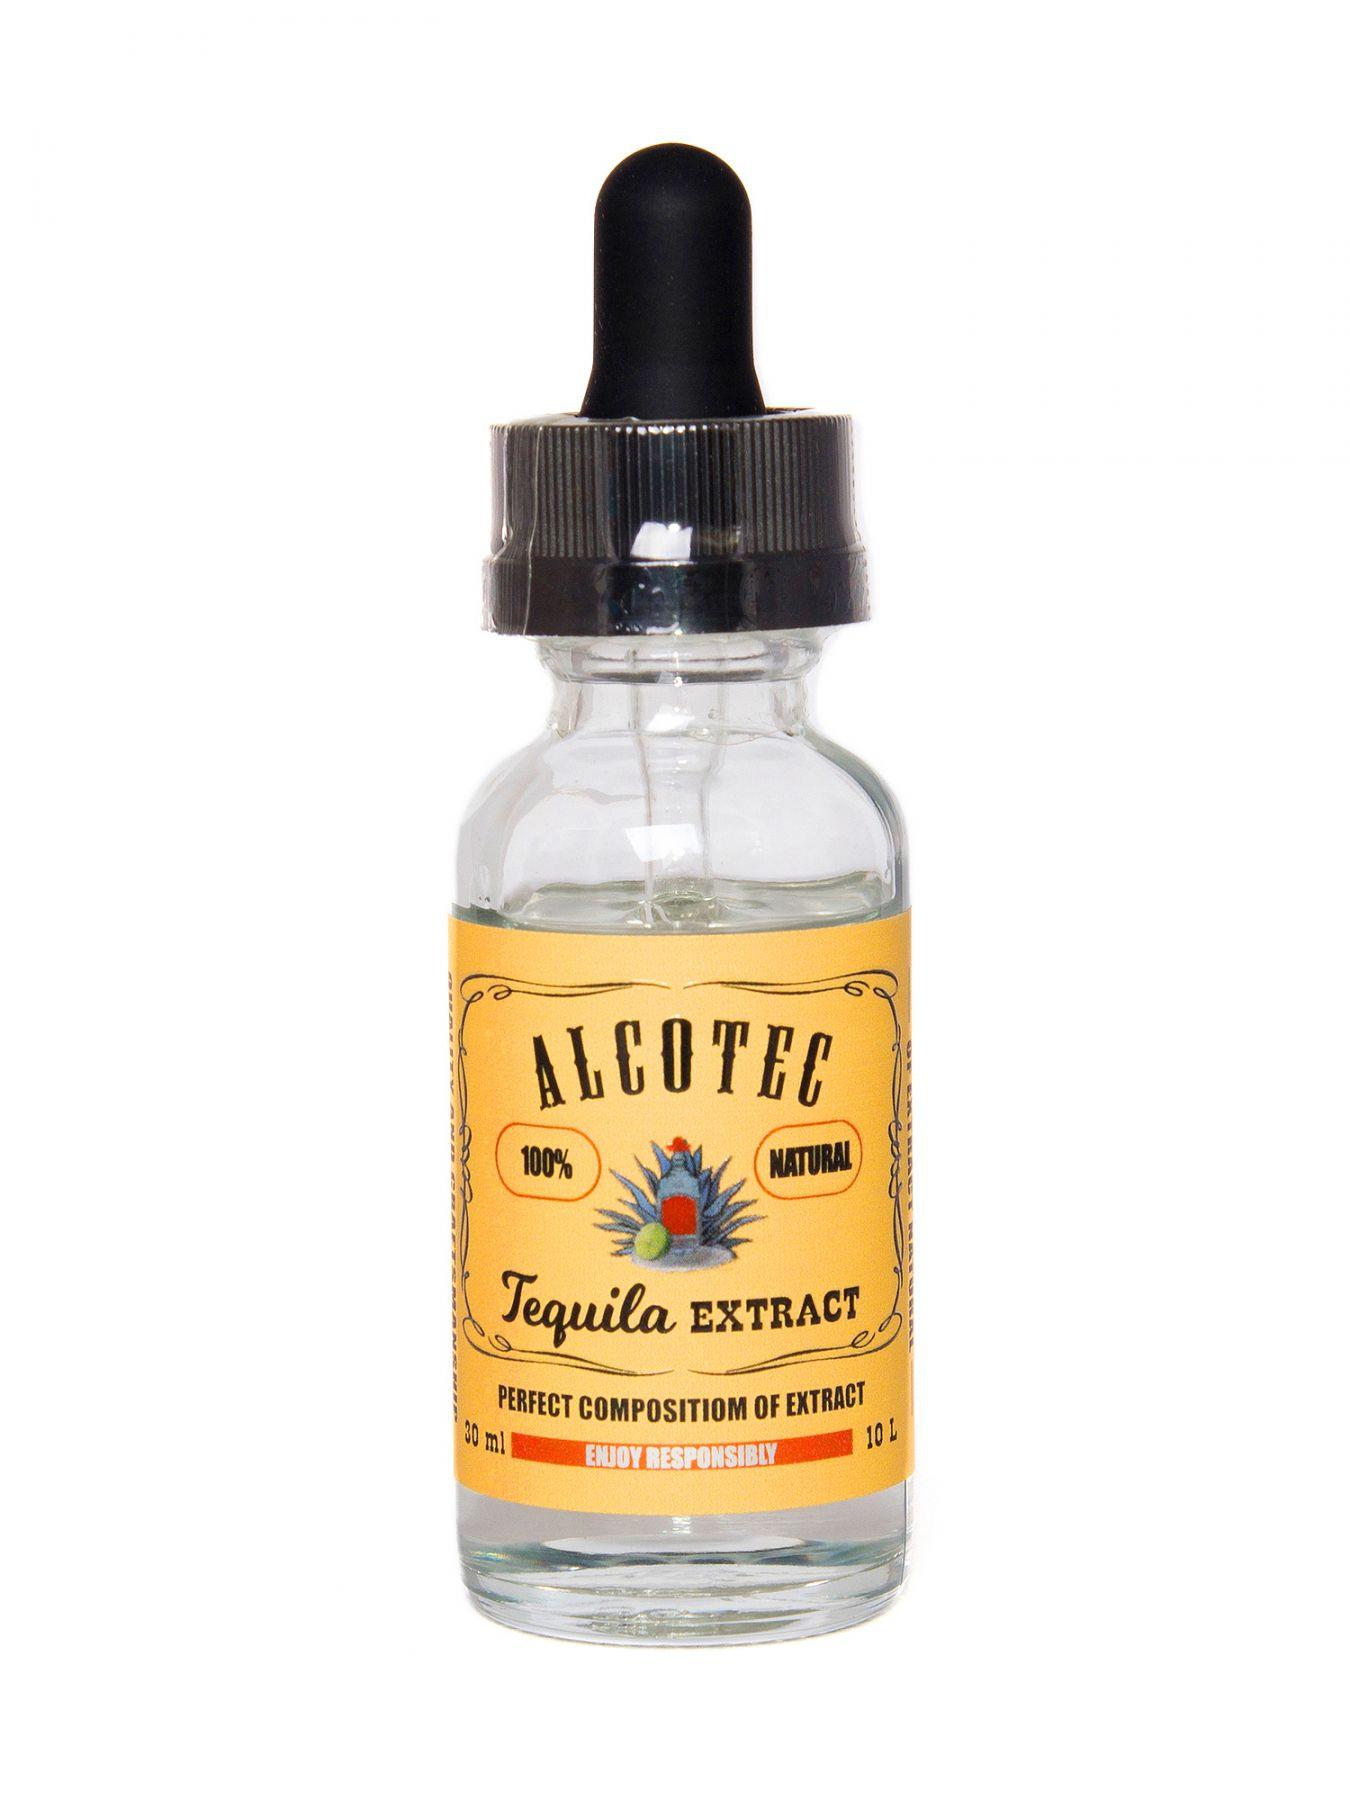 Натуральная эссенция Alcotec (Alcostar) Tequila